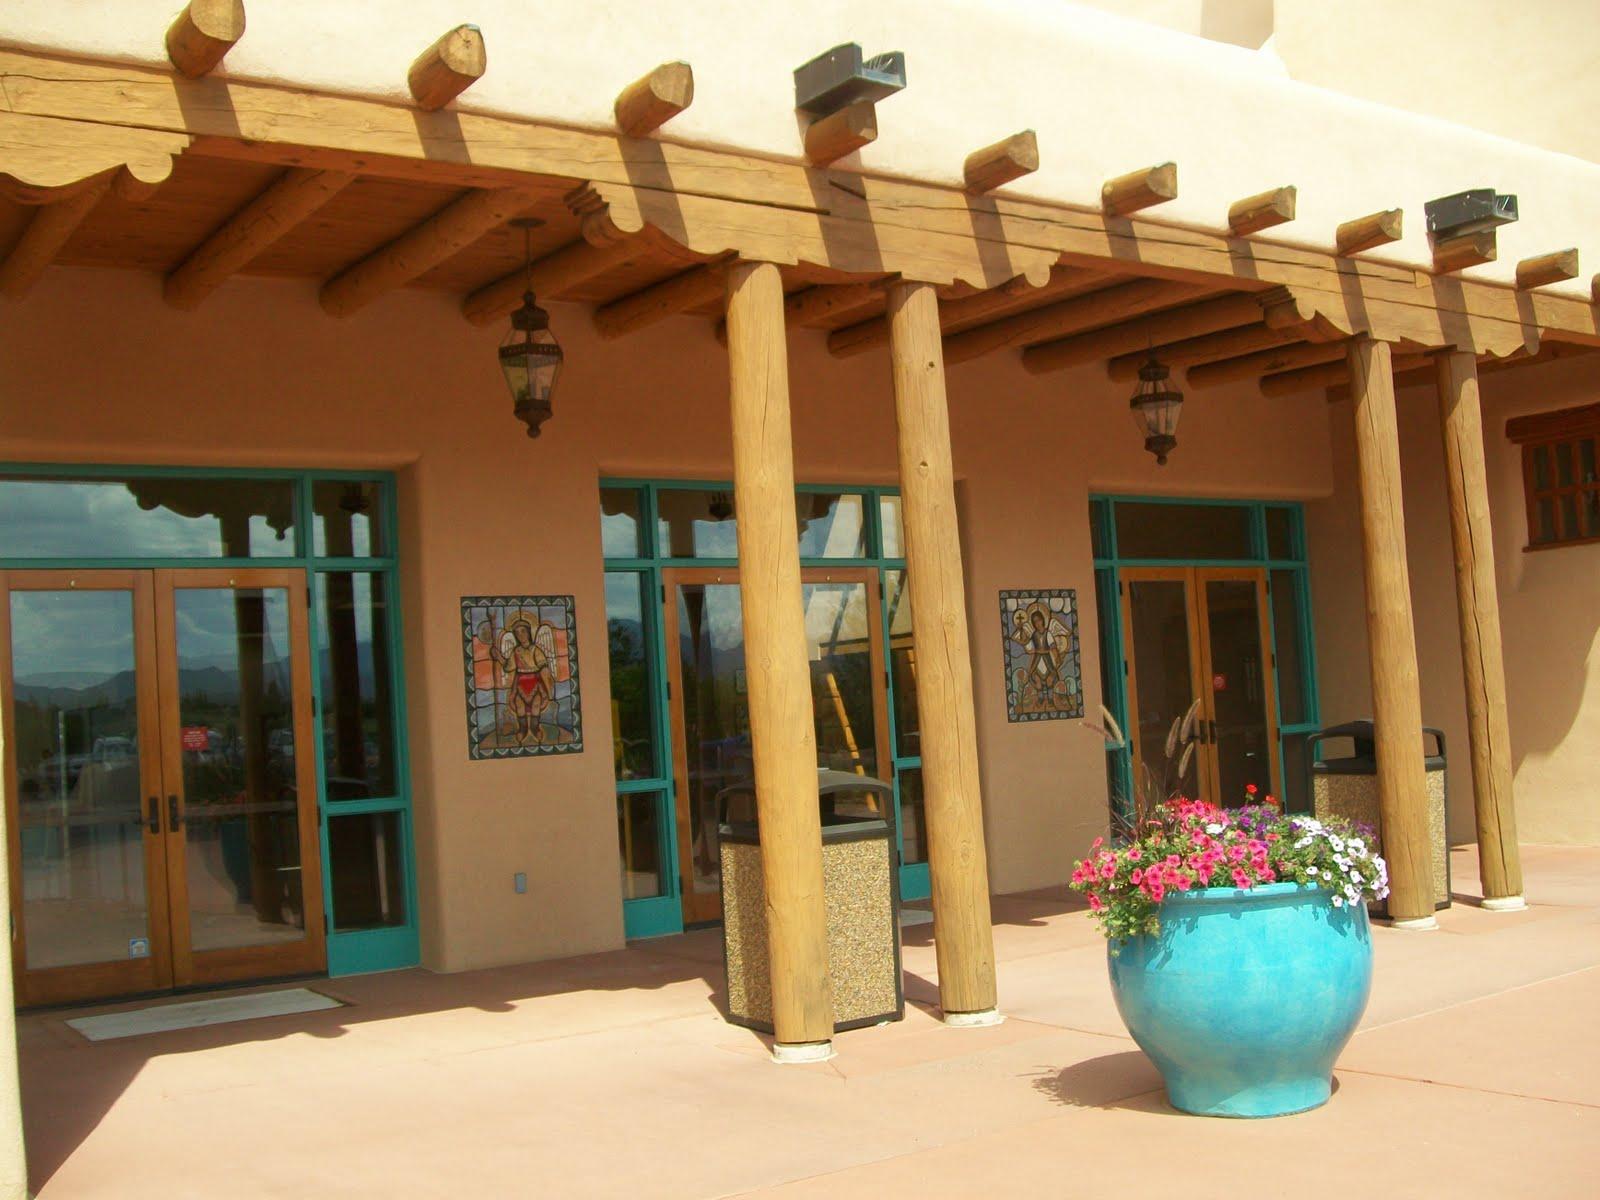 La casa de towanda santa maria de la paz church - La casa de maria ...